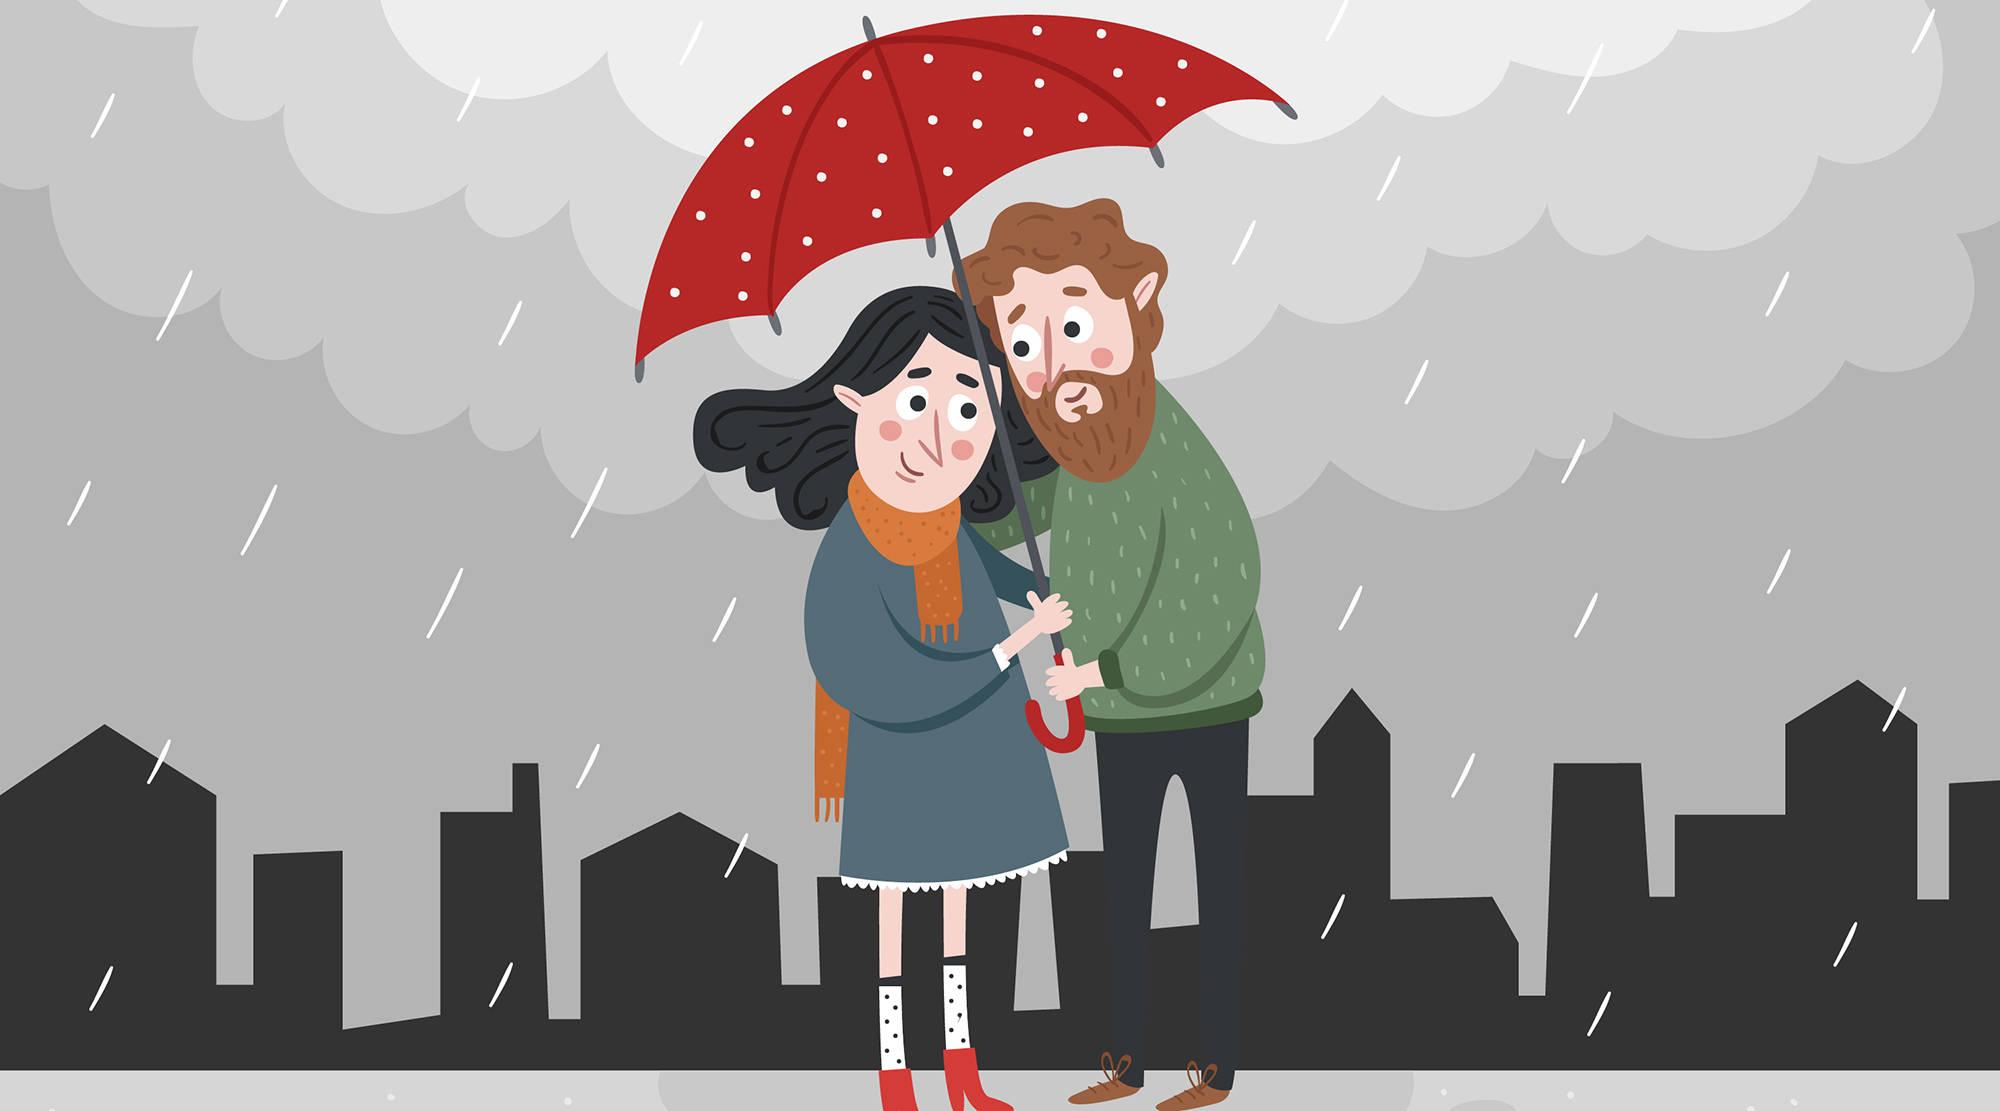 脾气大的女人对家庭的影响 老婆脾气大对家庭的危害